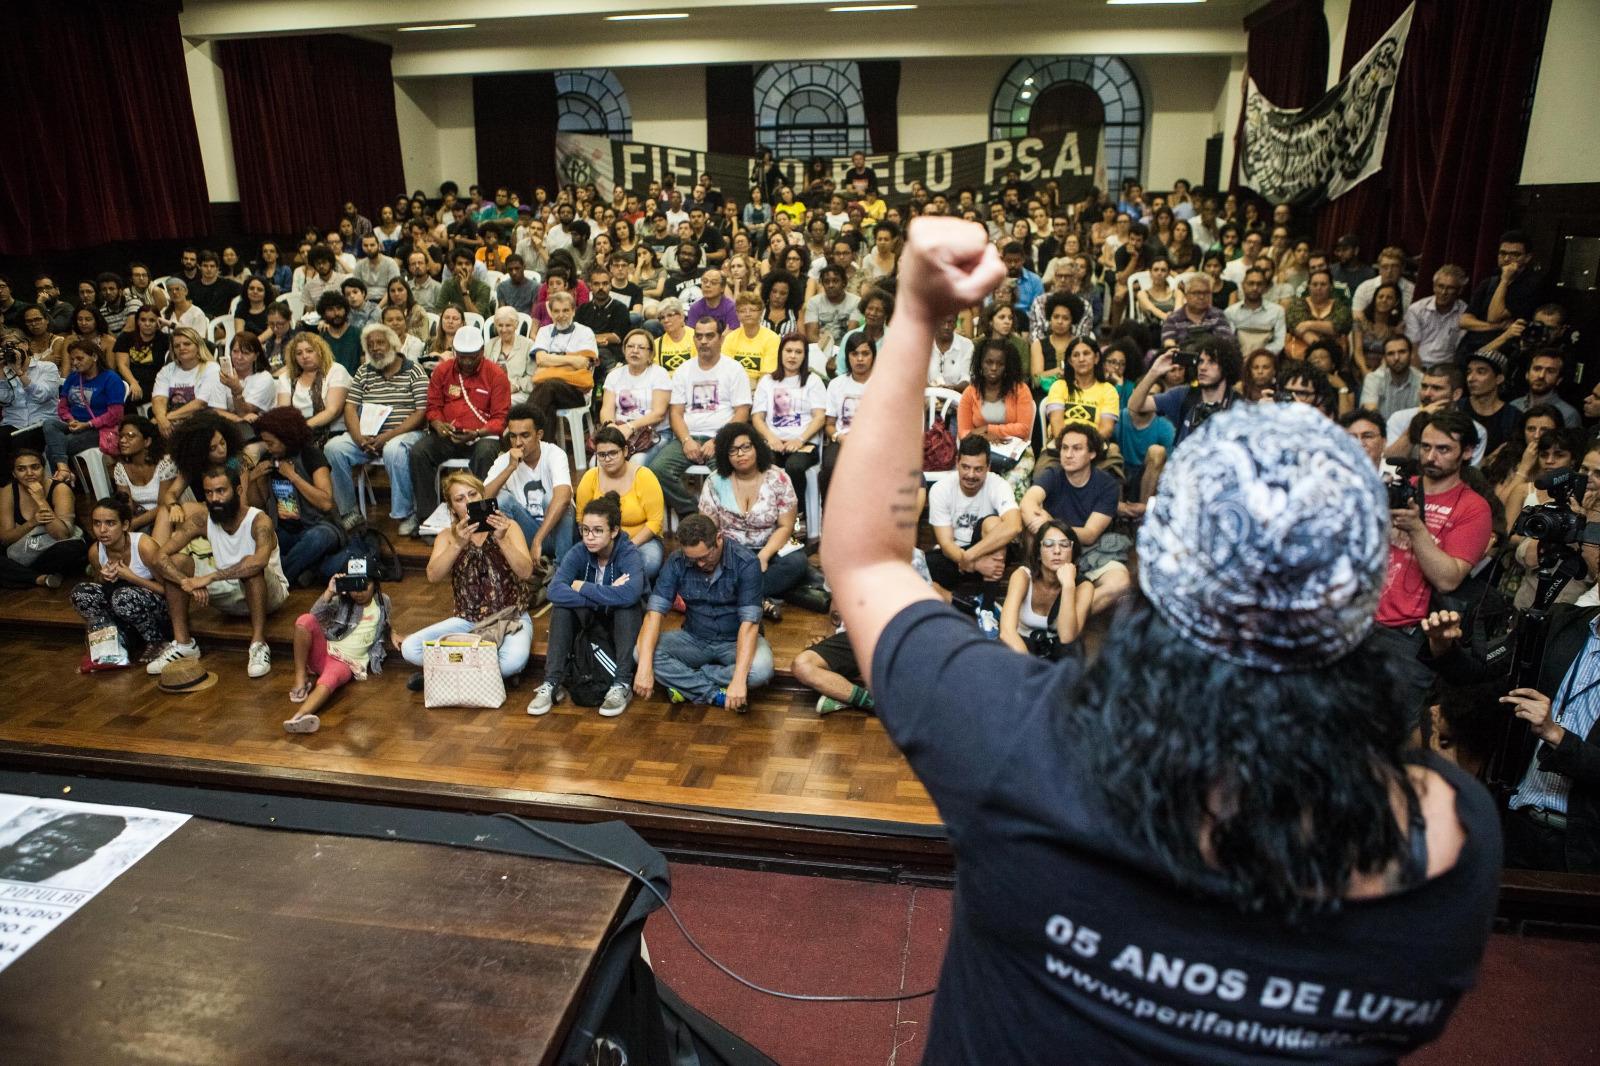 Sala dos estudantes da Faculdade de Direito da USP durante o lançamento do livro - Foto: Sérgio Silva/Ponte Jornalismo